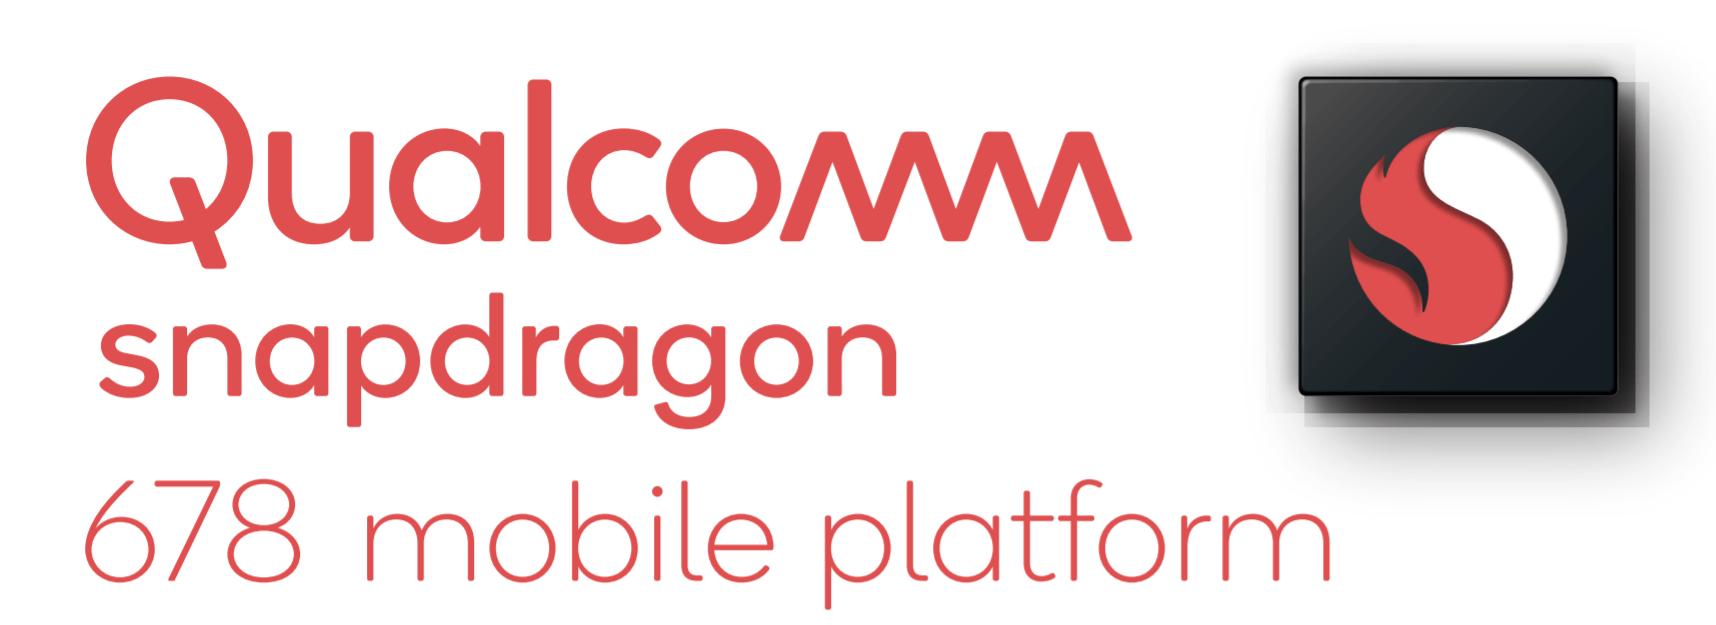 Qualcomm Snapdragon 678 Mobile Platformを発表